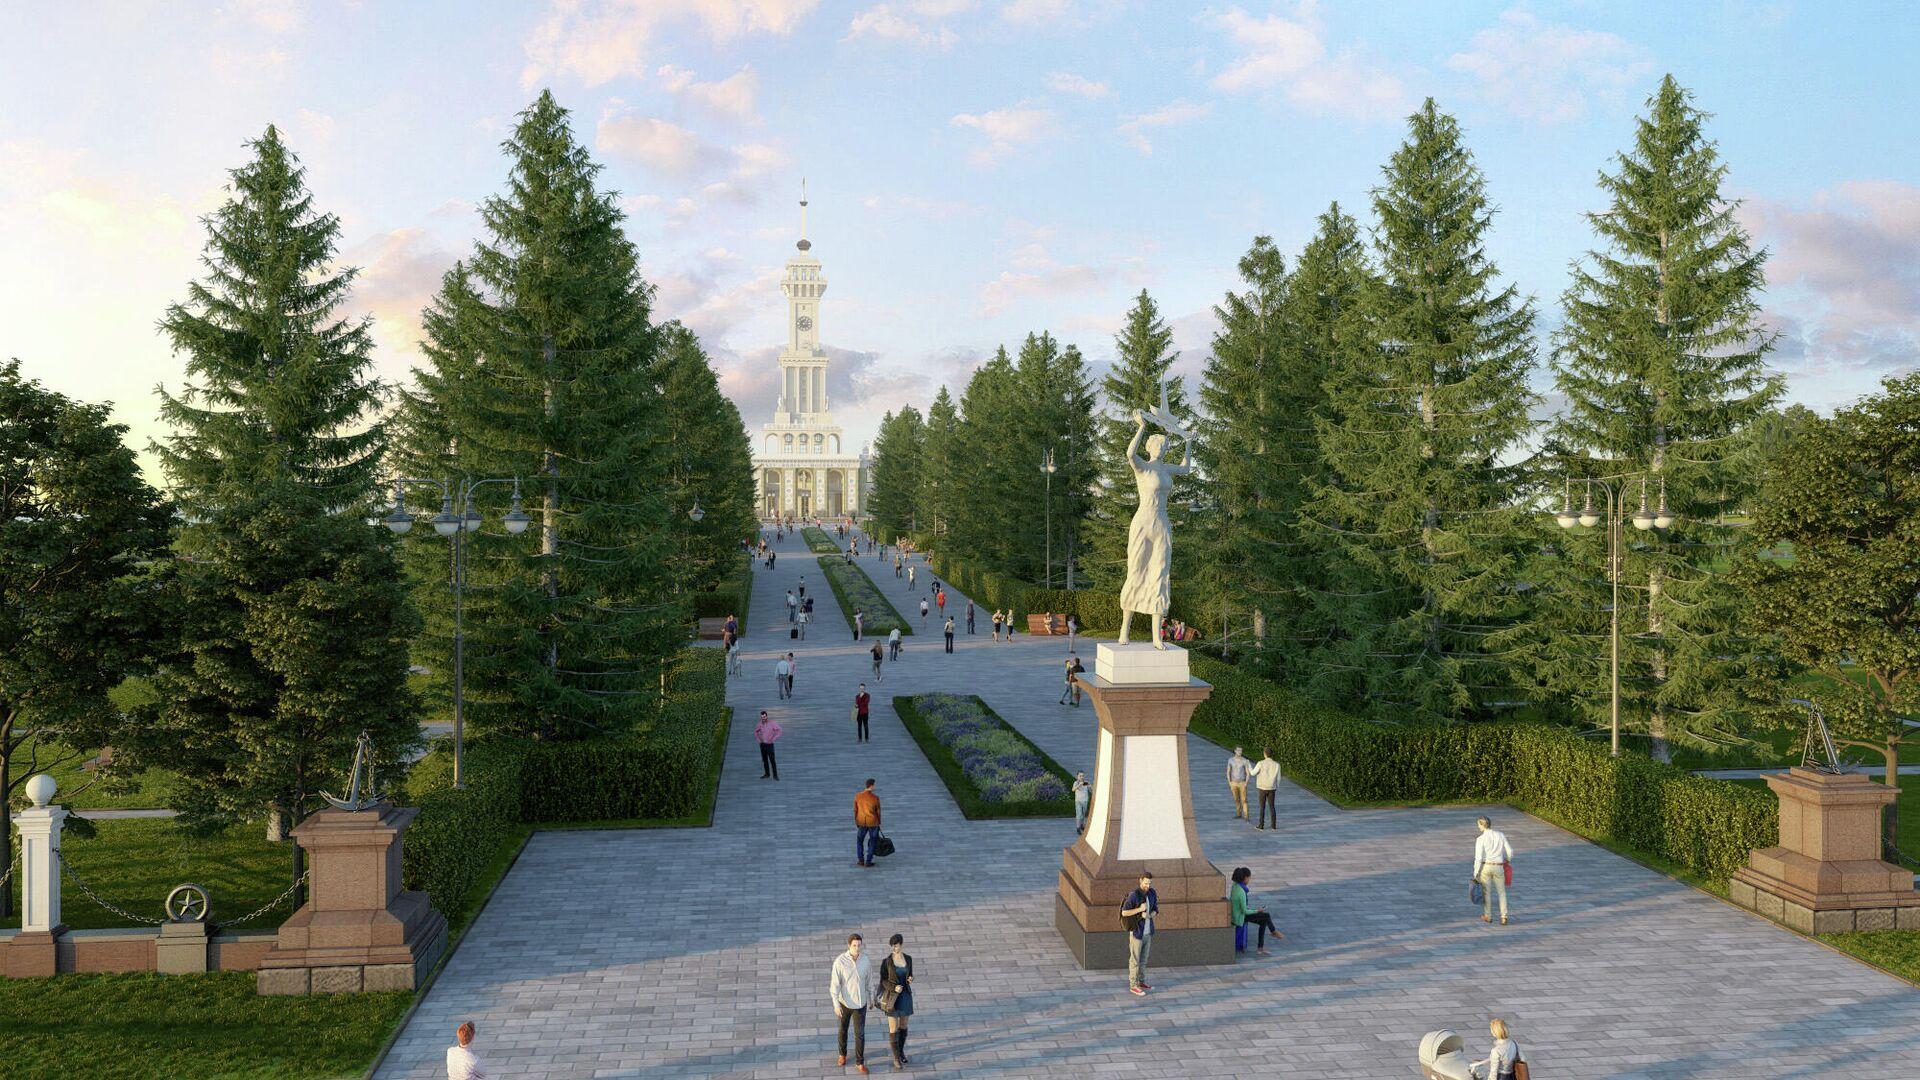 Проект благоустройства парка Северного речного вокзала - РИА Новости, 1920, 03.09.2020